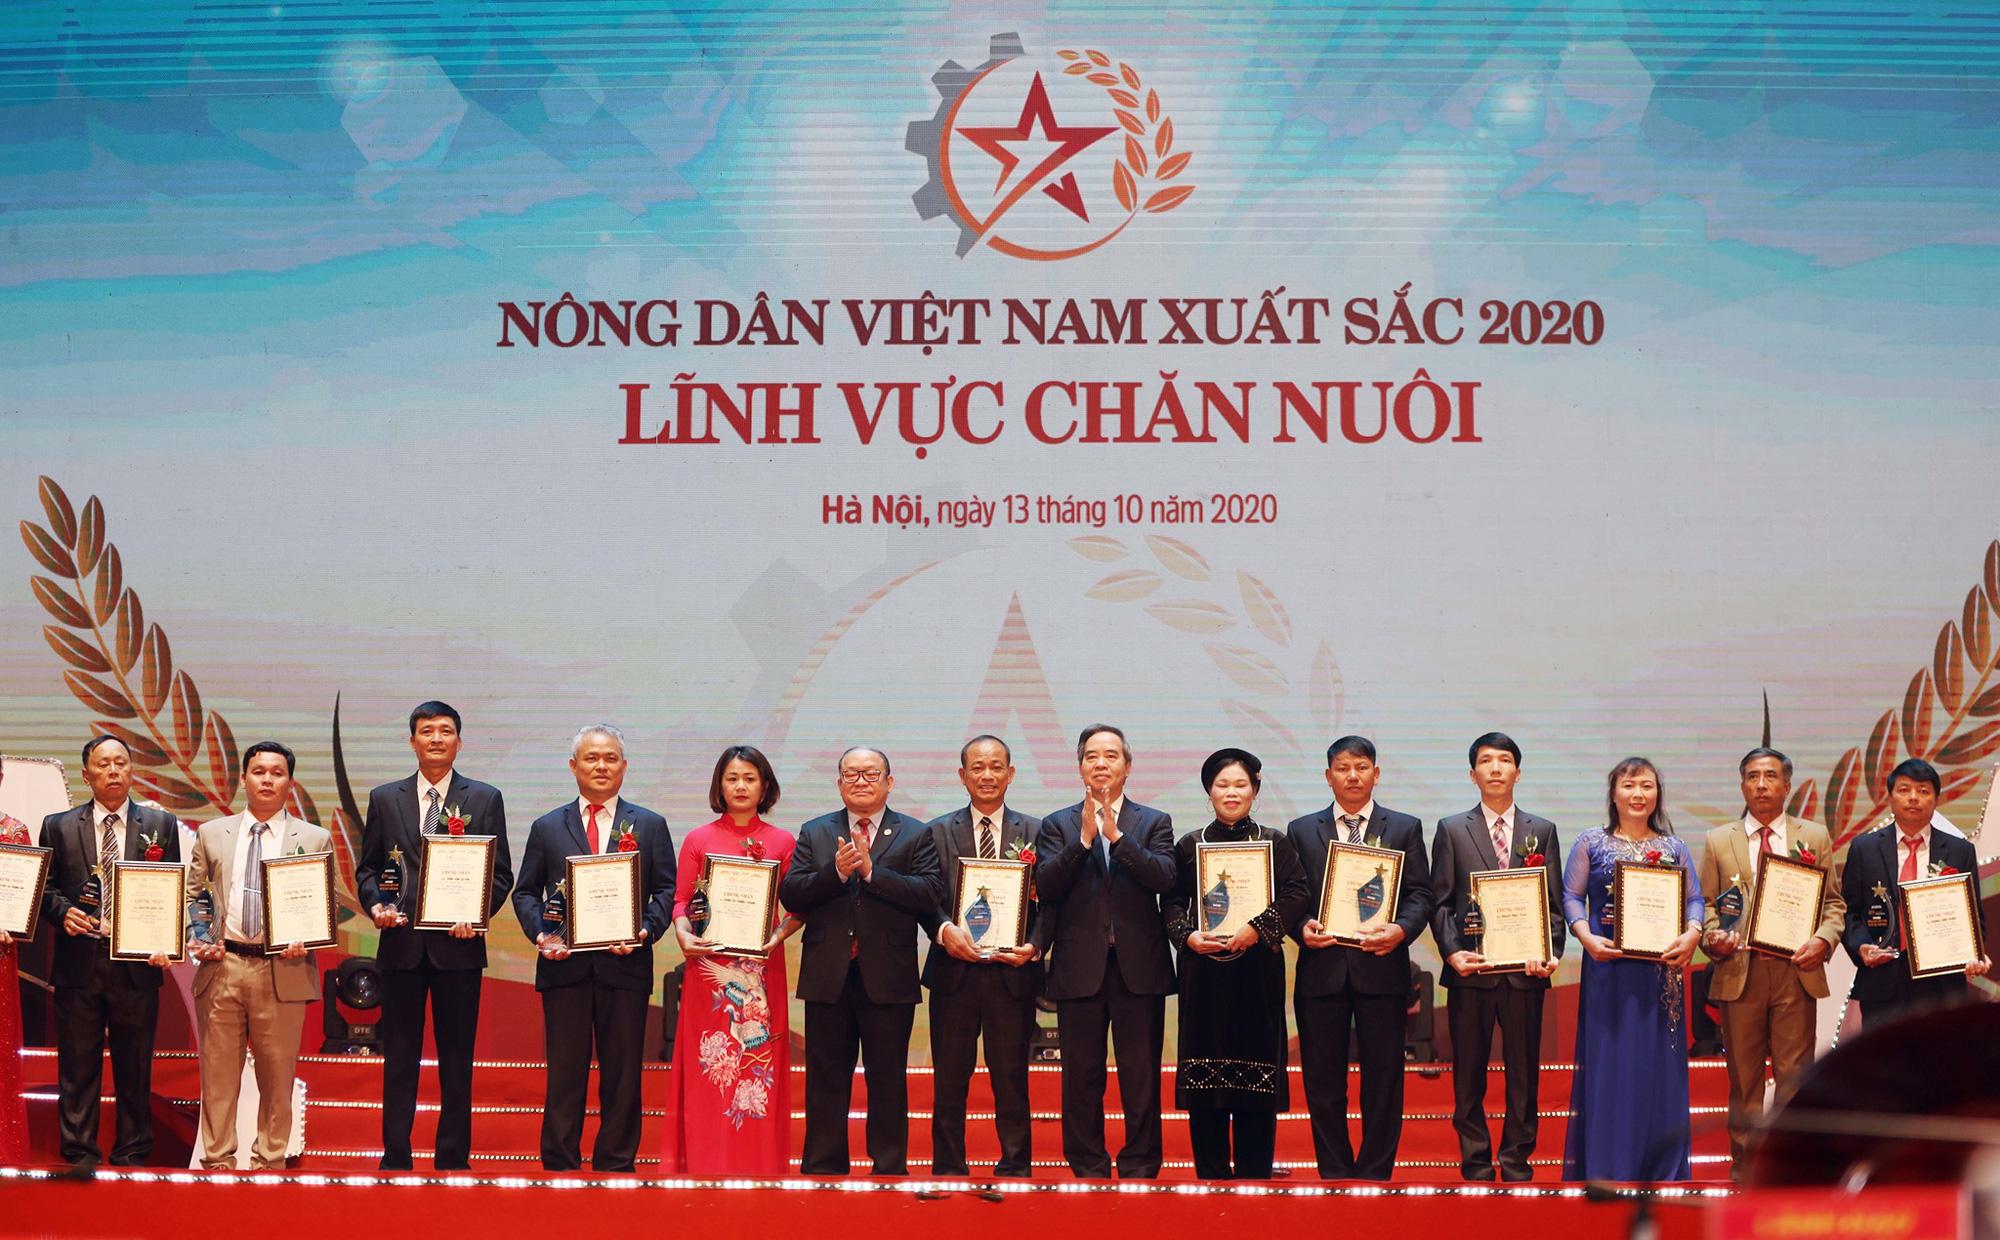 """Tiết lộ thú vị về 63 """"Nông dân Việt Nam xuất sắc 2020"""" - Ảnh 1."""